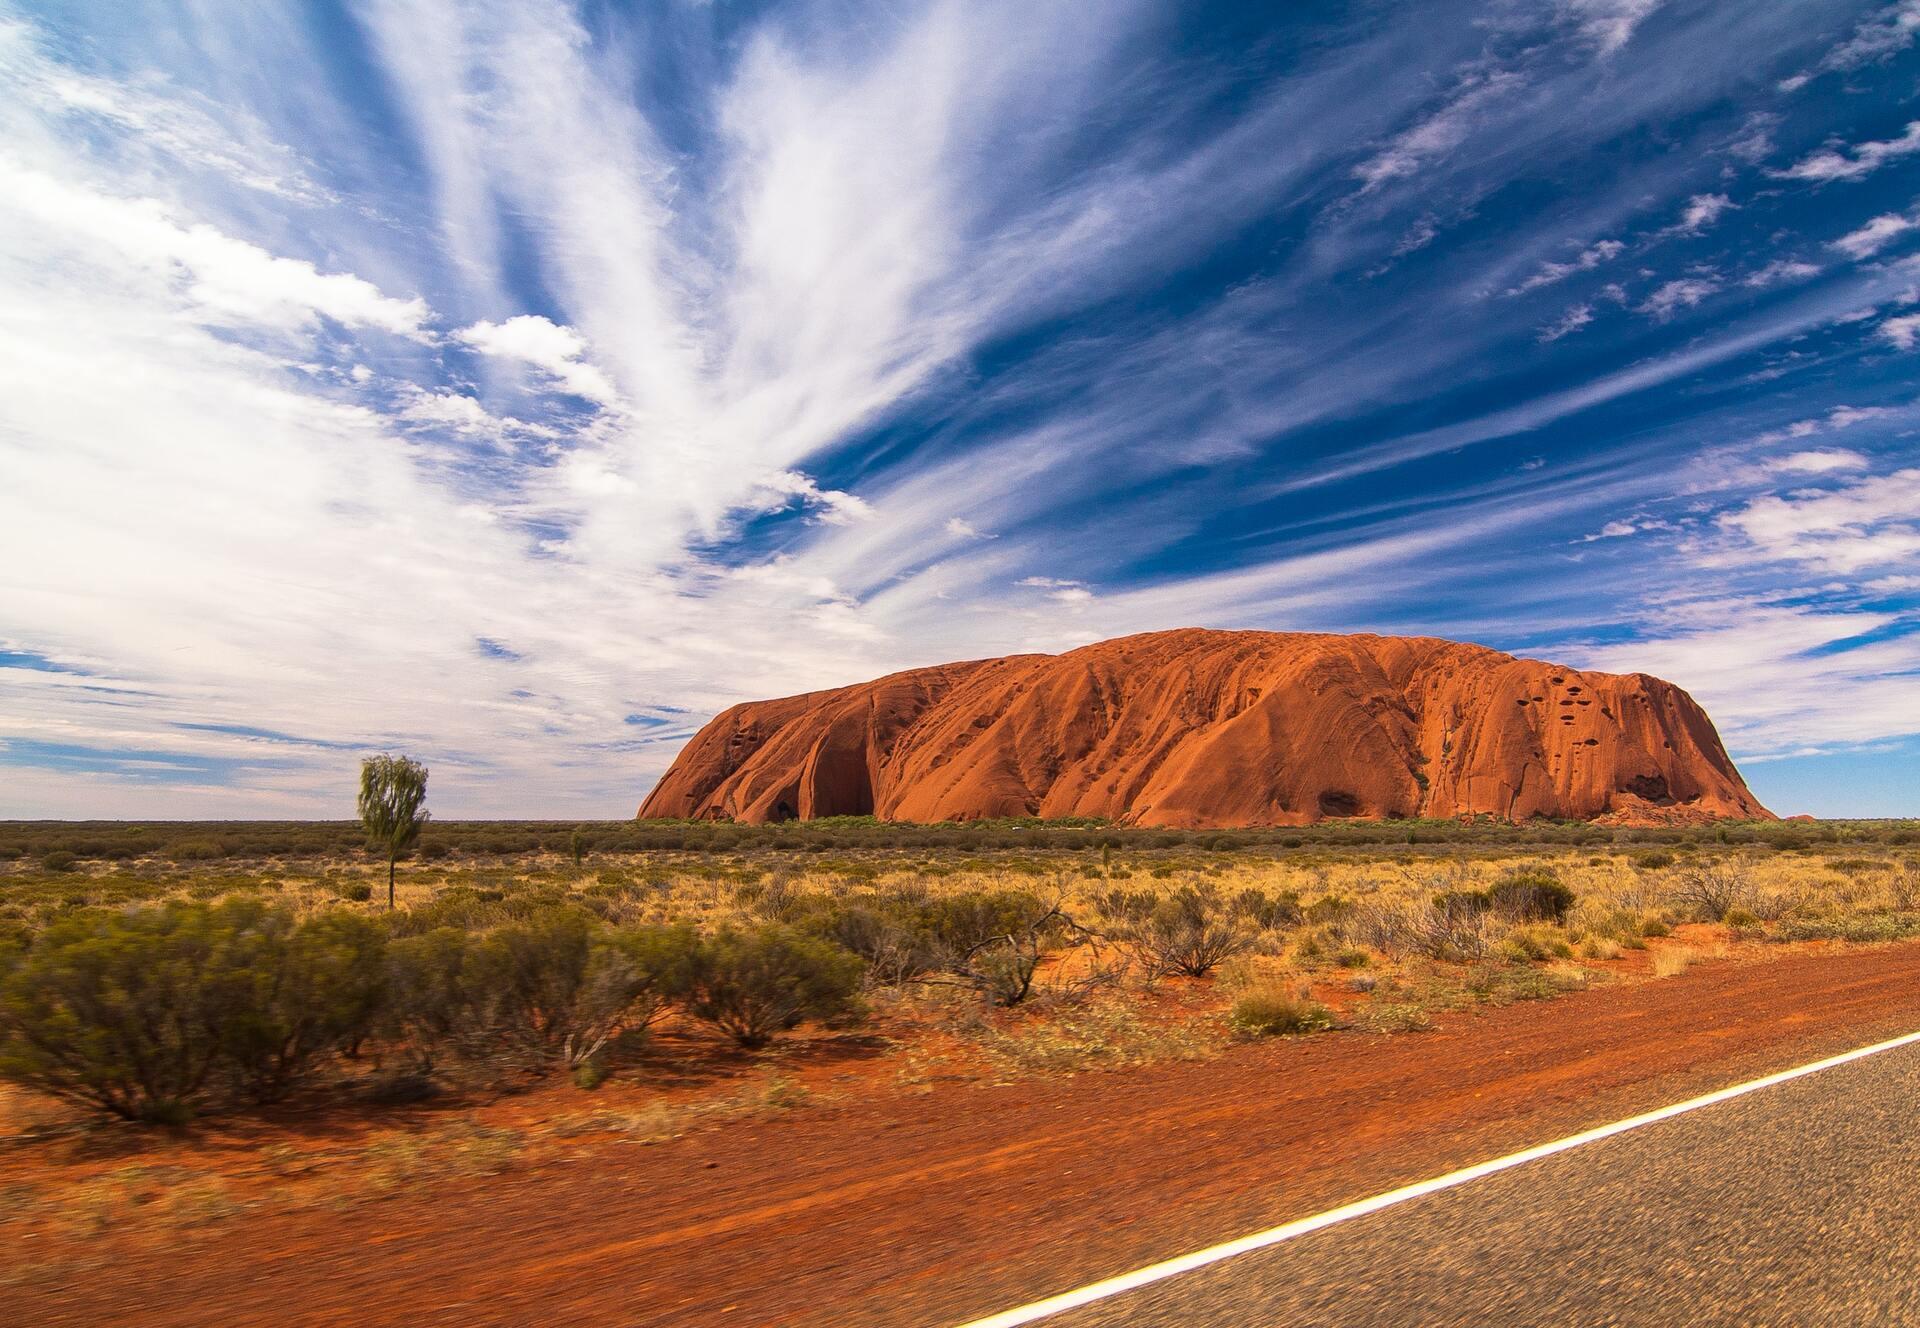 Деятельность человека превратила Австралазию из пышной зелёной местности в засушливый суровый континент